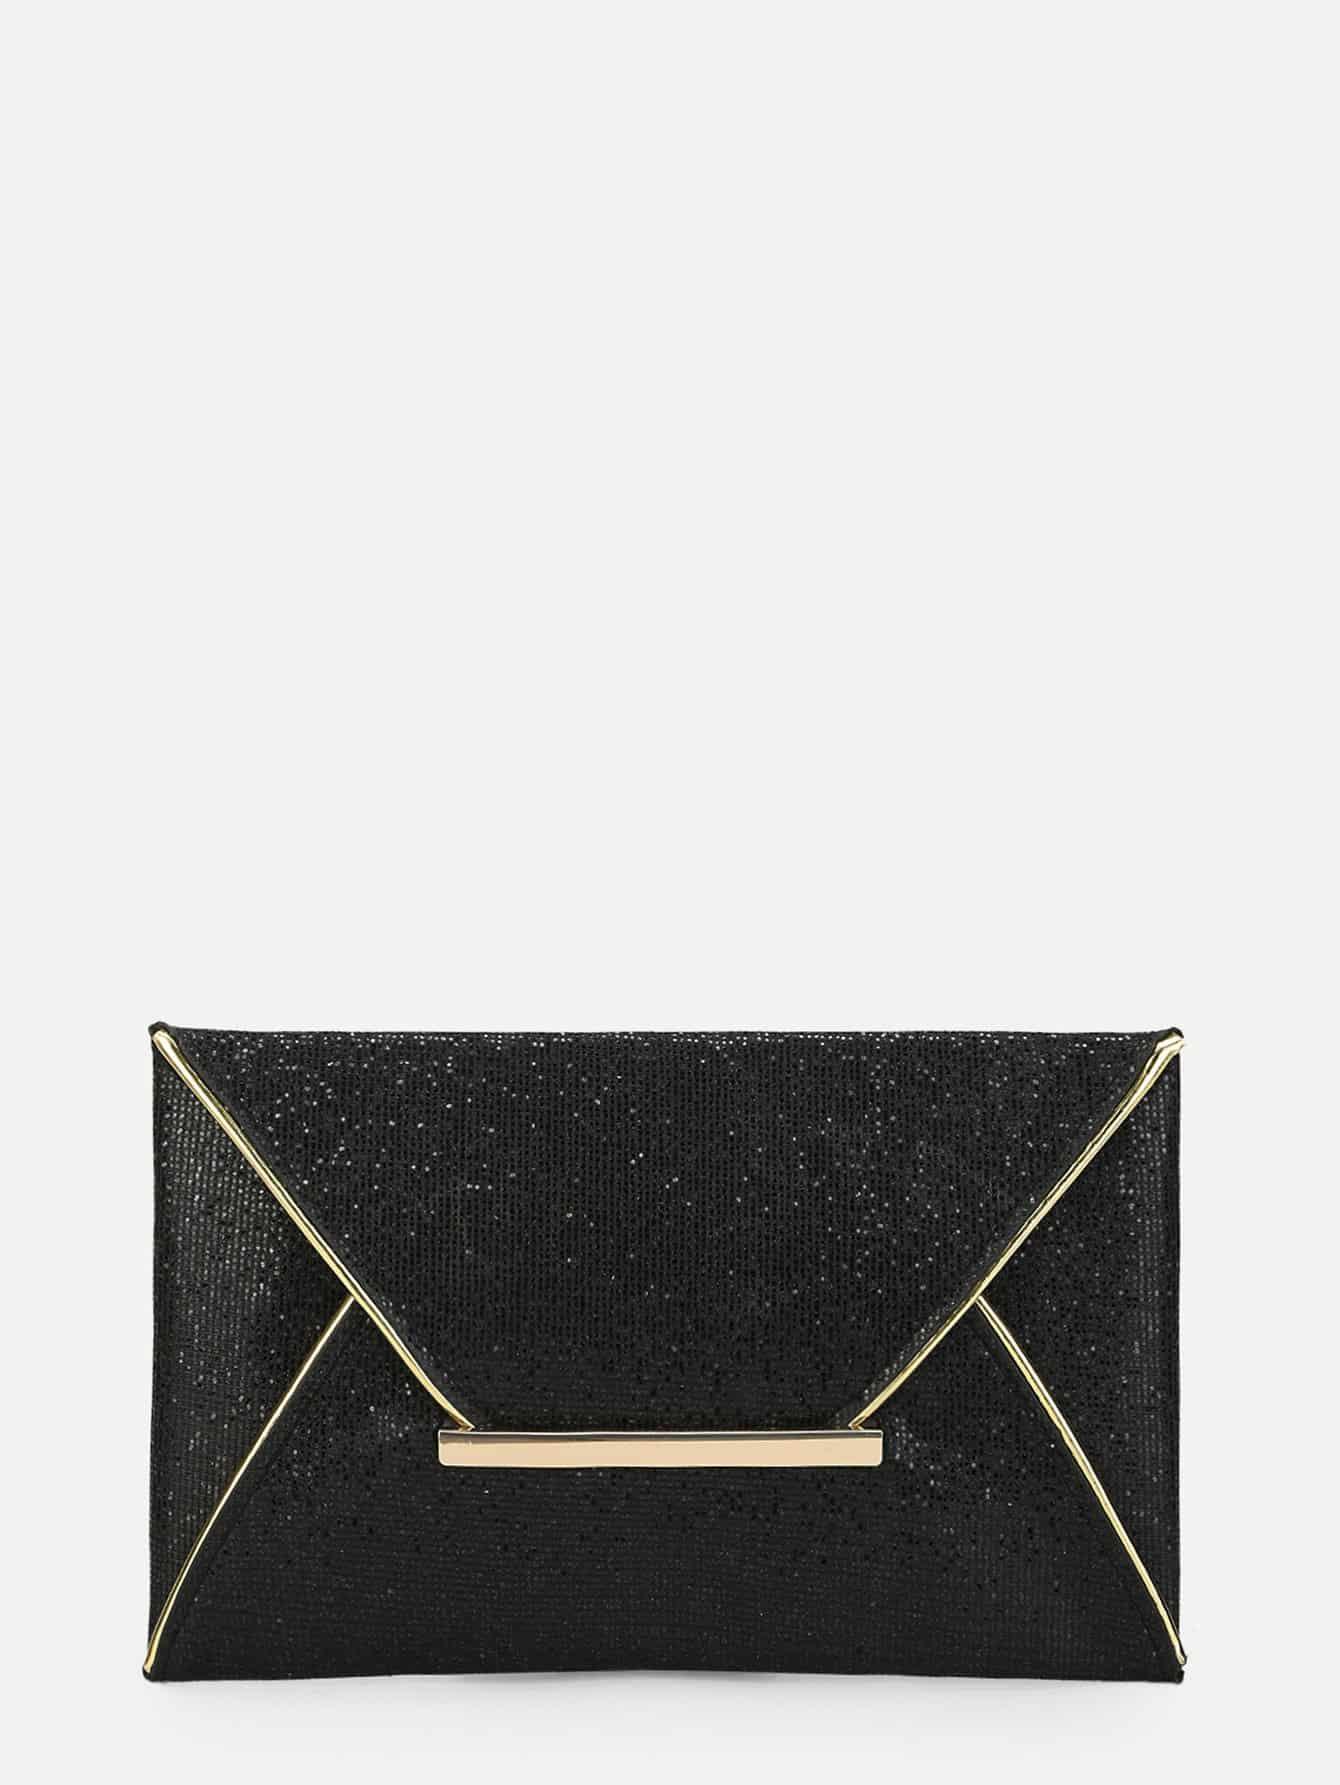 Glitter Envelope Clutch Bag transparent envelope clutch bag